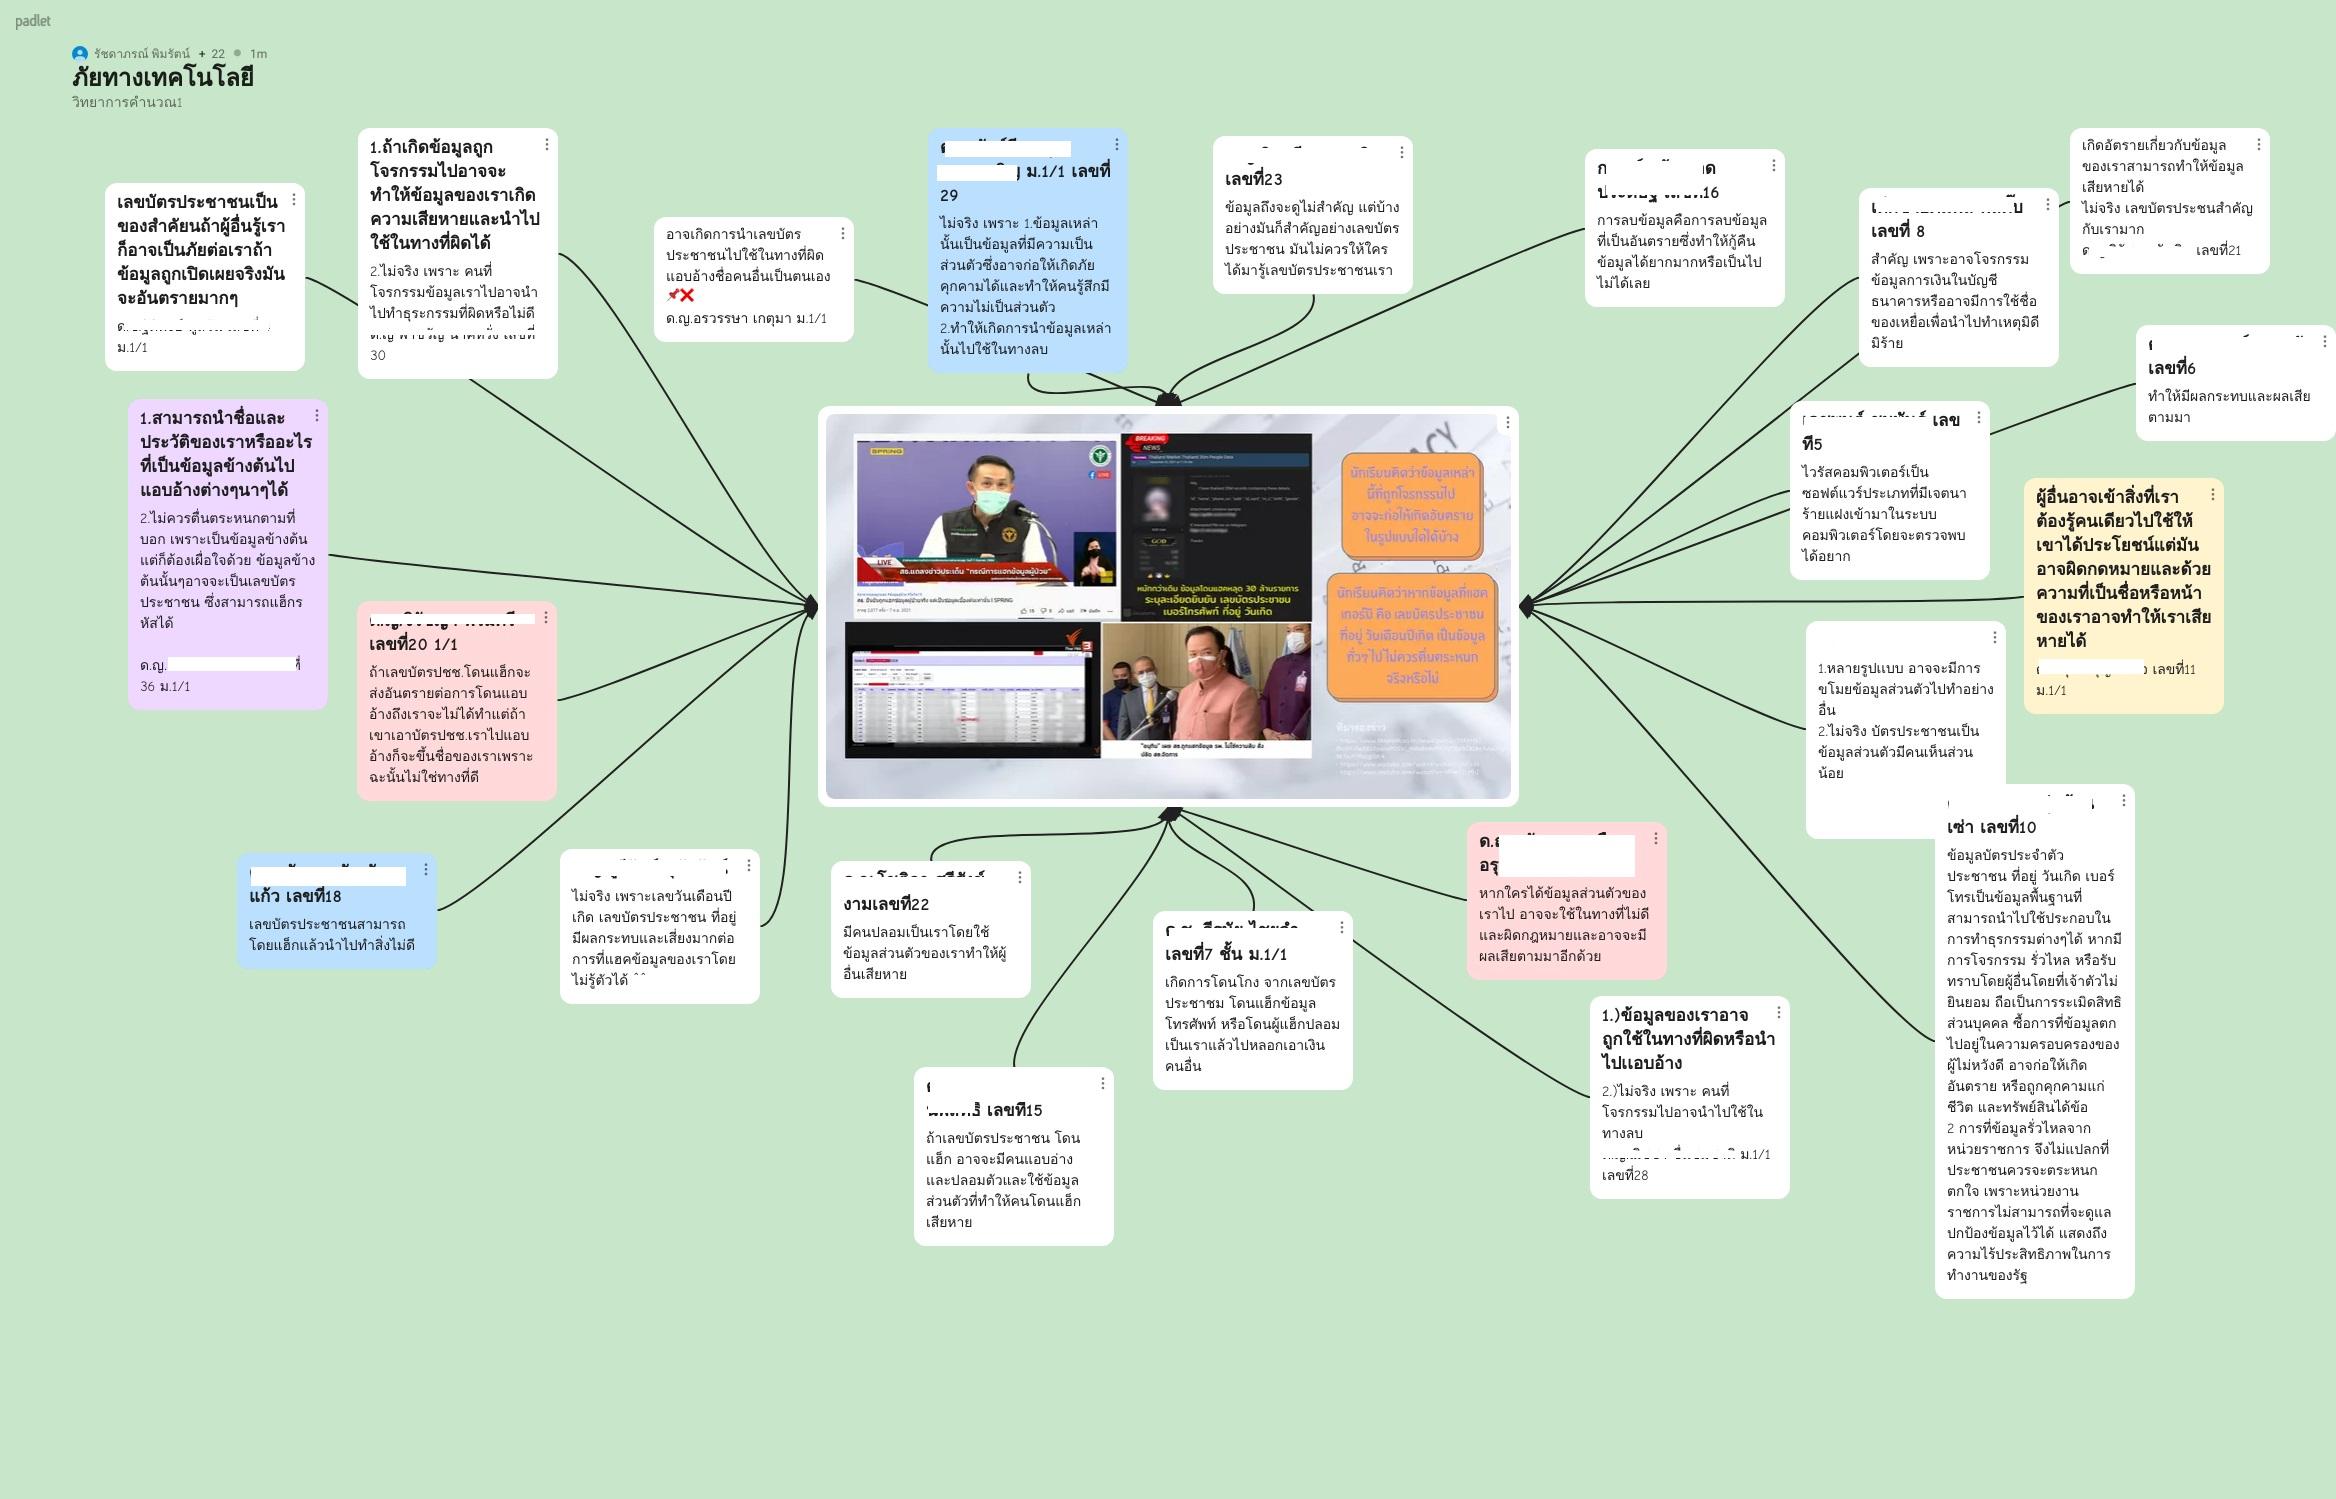 ภาพประกอบไอเดีย สอนวิทคำนวณจากกรณี : กระทรวงสาธารณสุขถูกแฮ็กข้อมูล